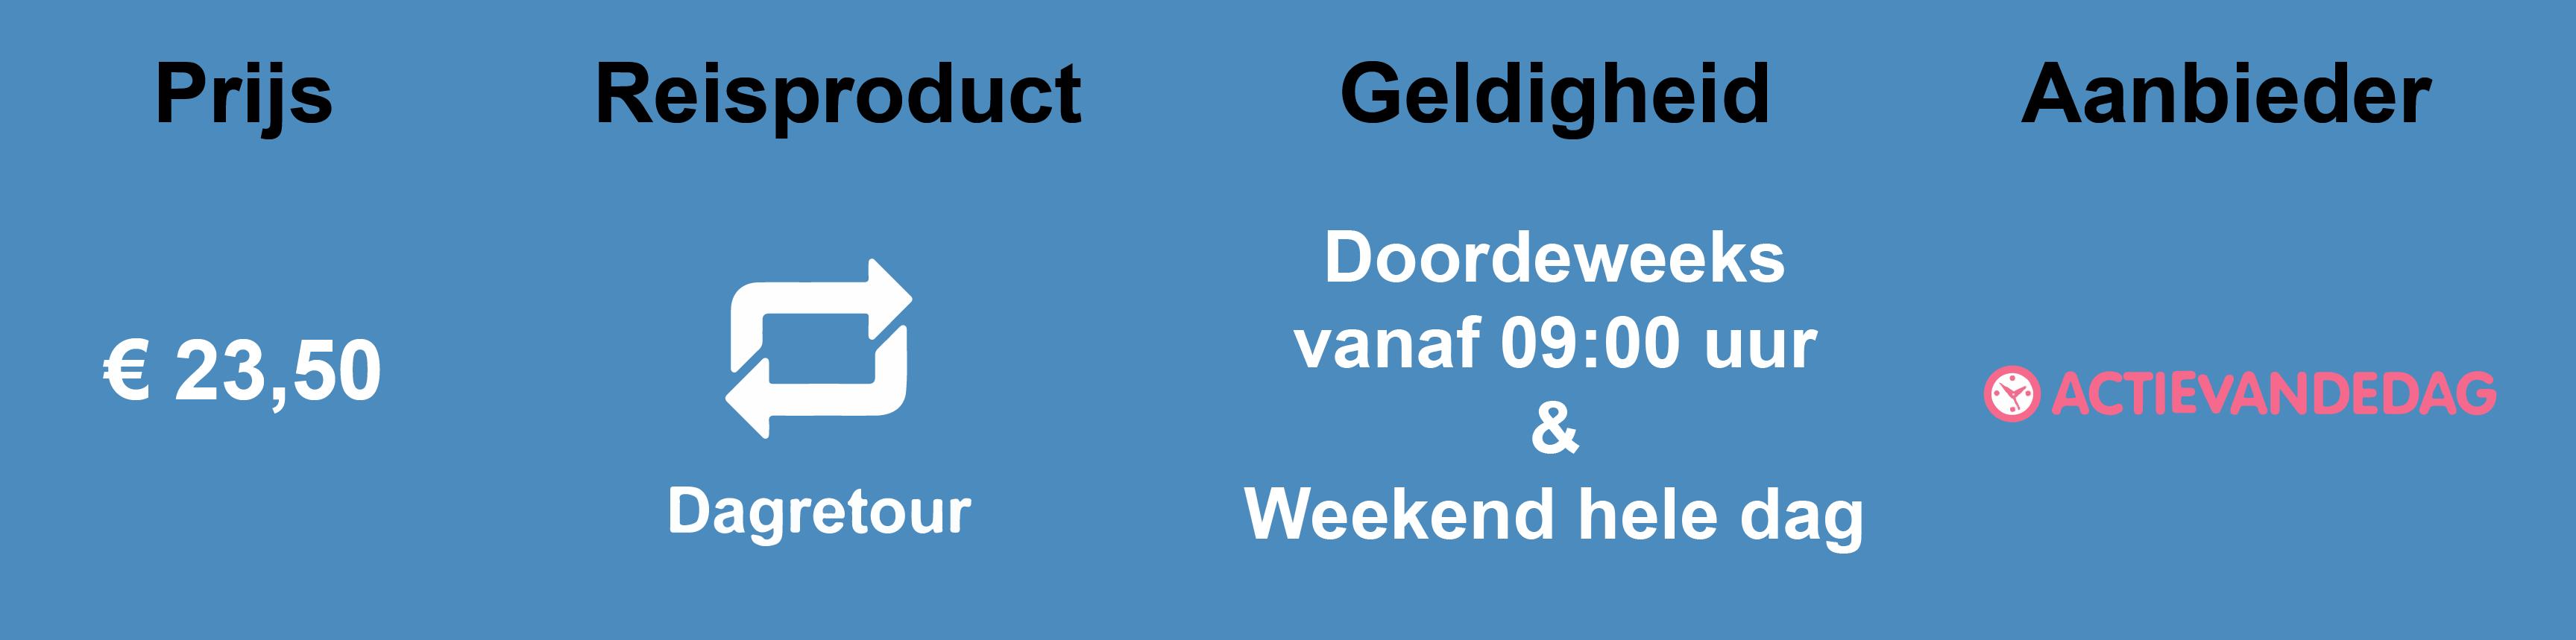 Dagretour ActieVanDeDag